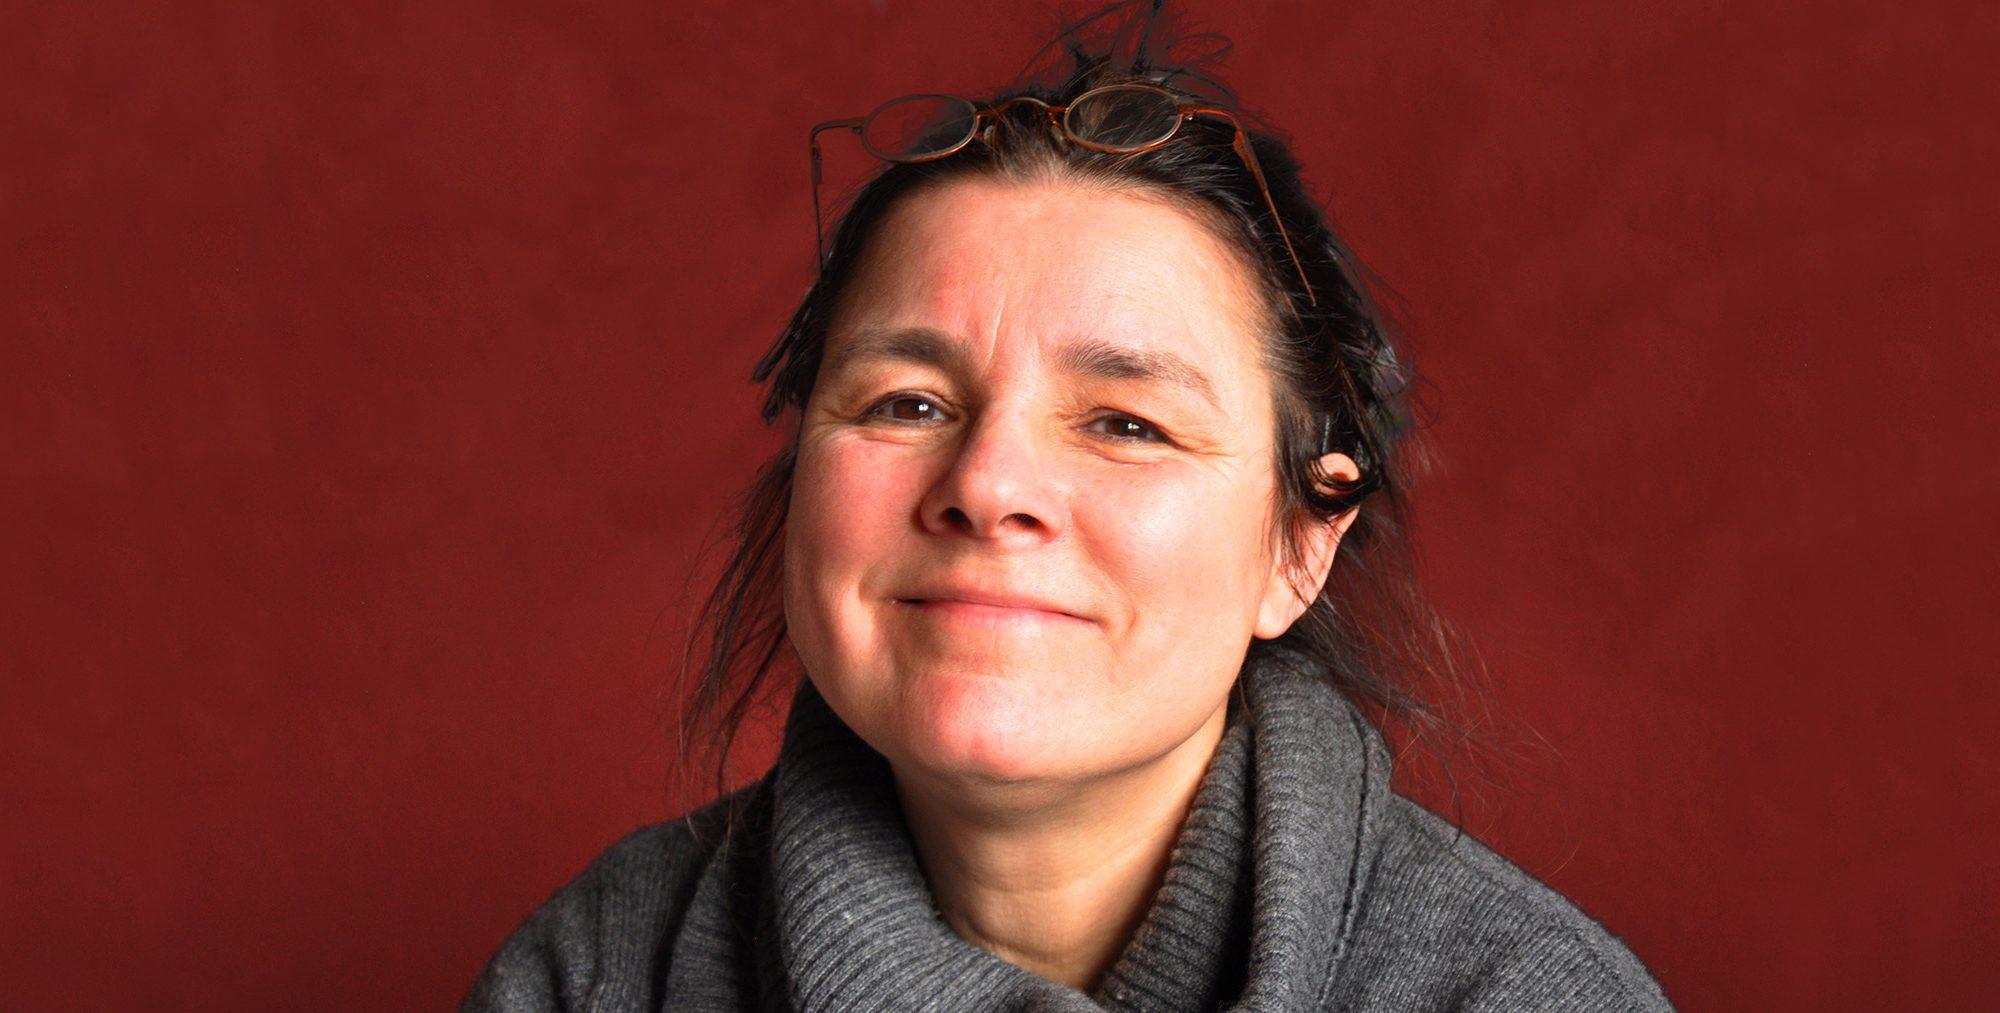 Bedürfnisliste - Praxis für Kunst & Therapie Koblenz Susanne Titelbild